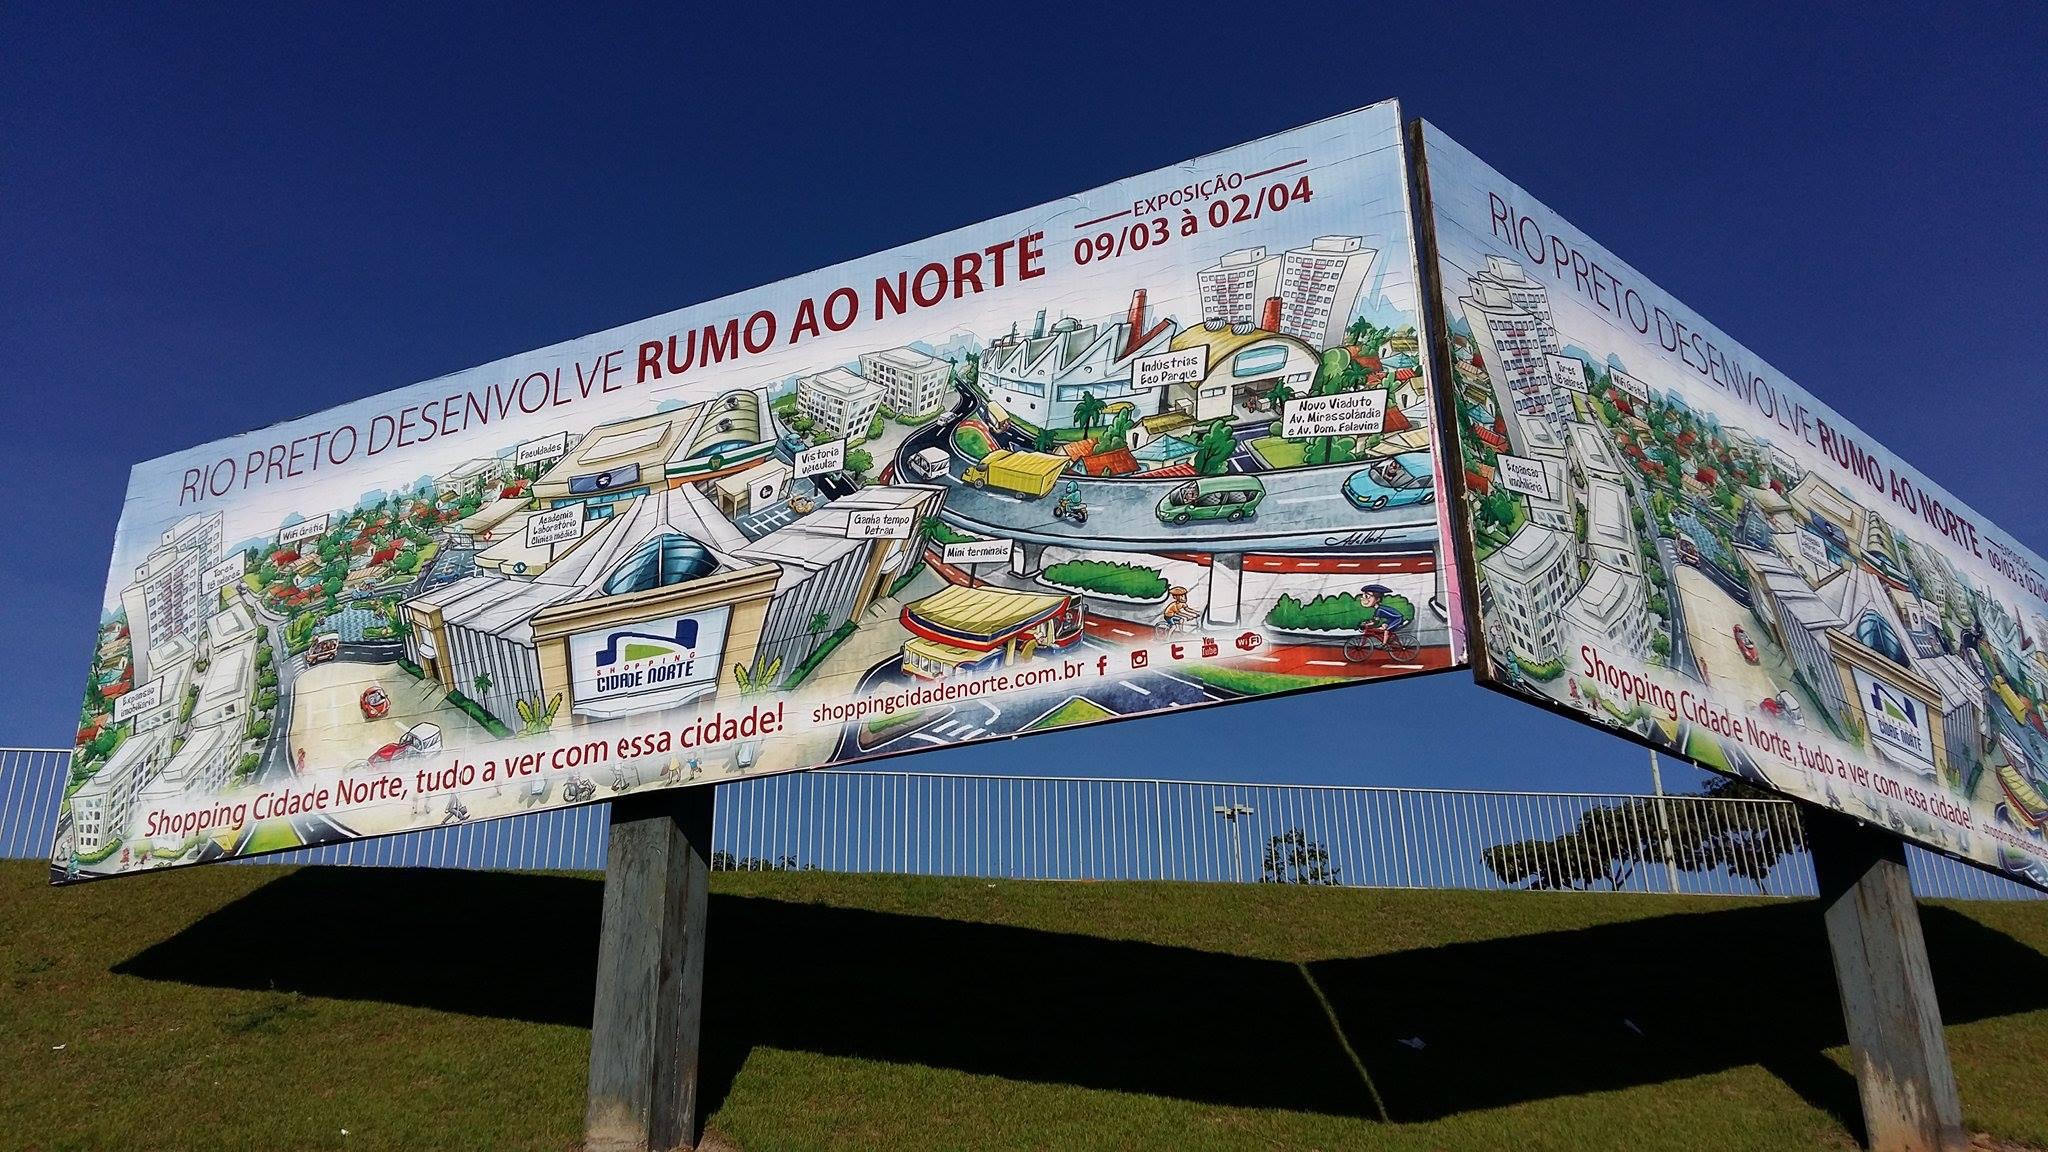 shopping_Cidade_Norte,_ilustração,_caricaturista,_ilustrador,_São_José_do_Rio_Preto,_Jundiai,_c